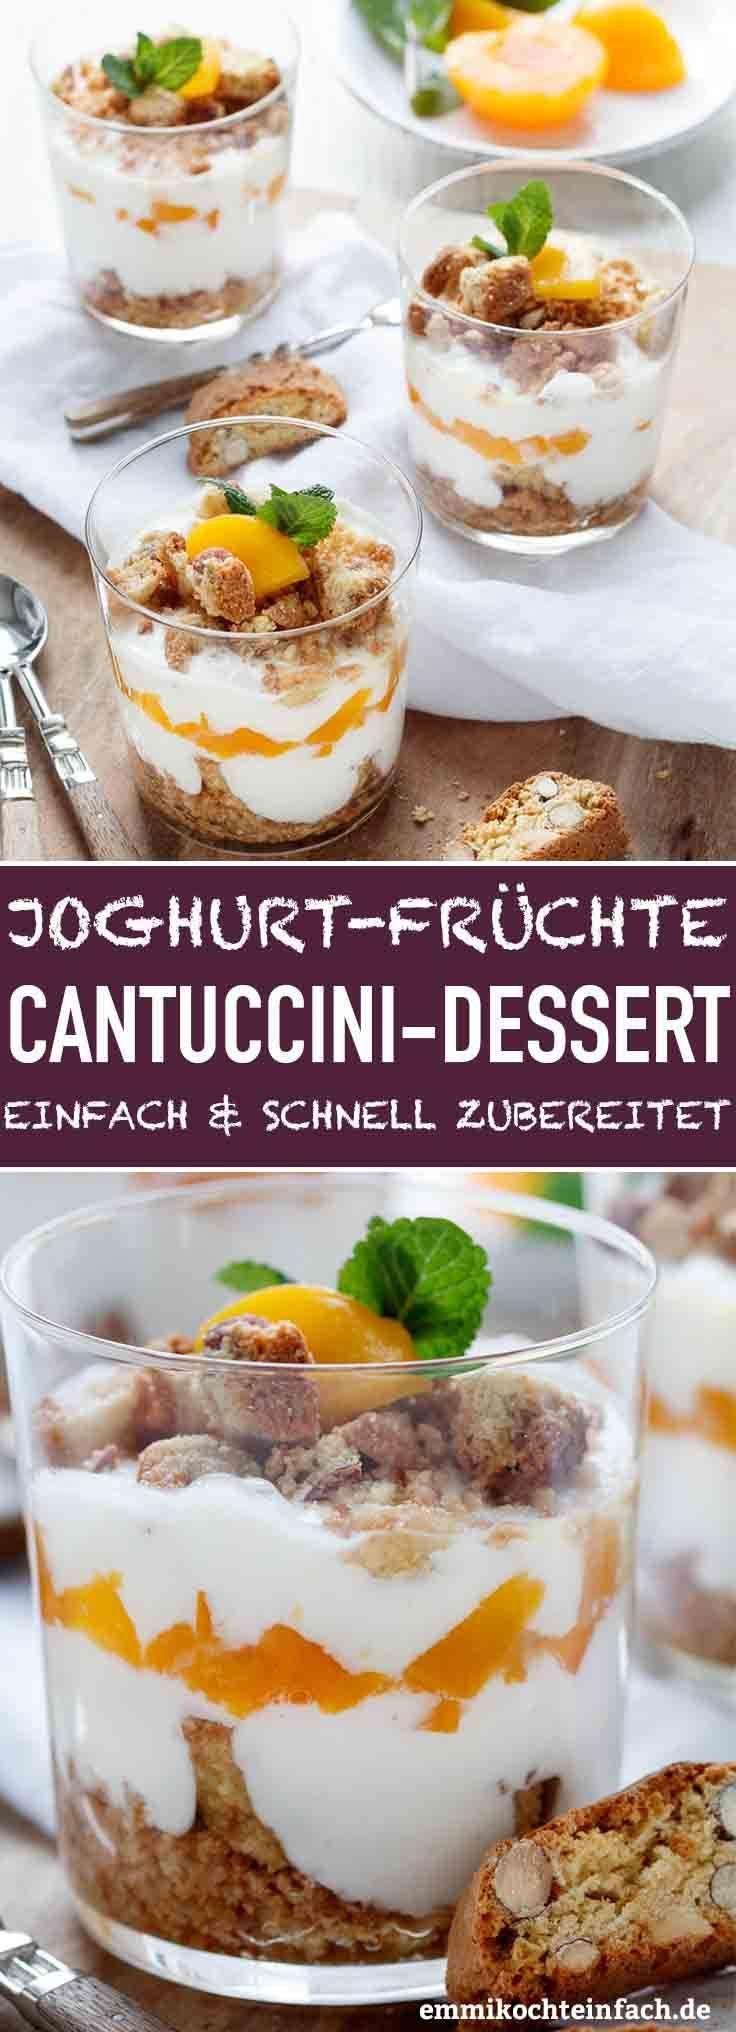 Photo of Joghurt Cantuccini Dessert mit Pfirsichen – emmikochteinfach